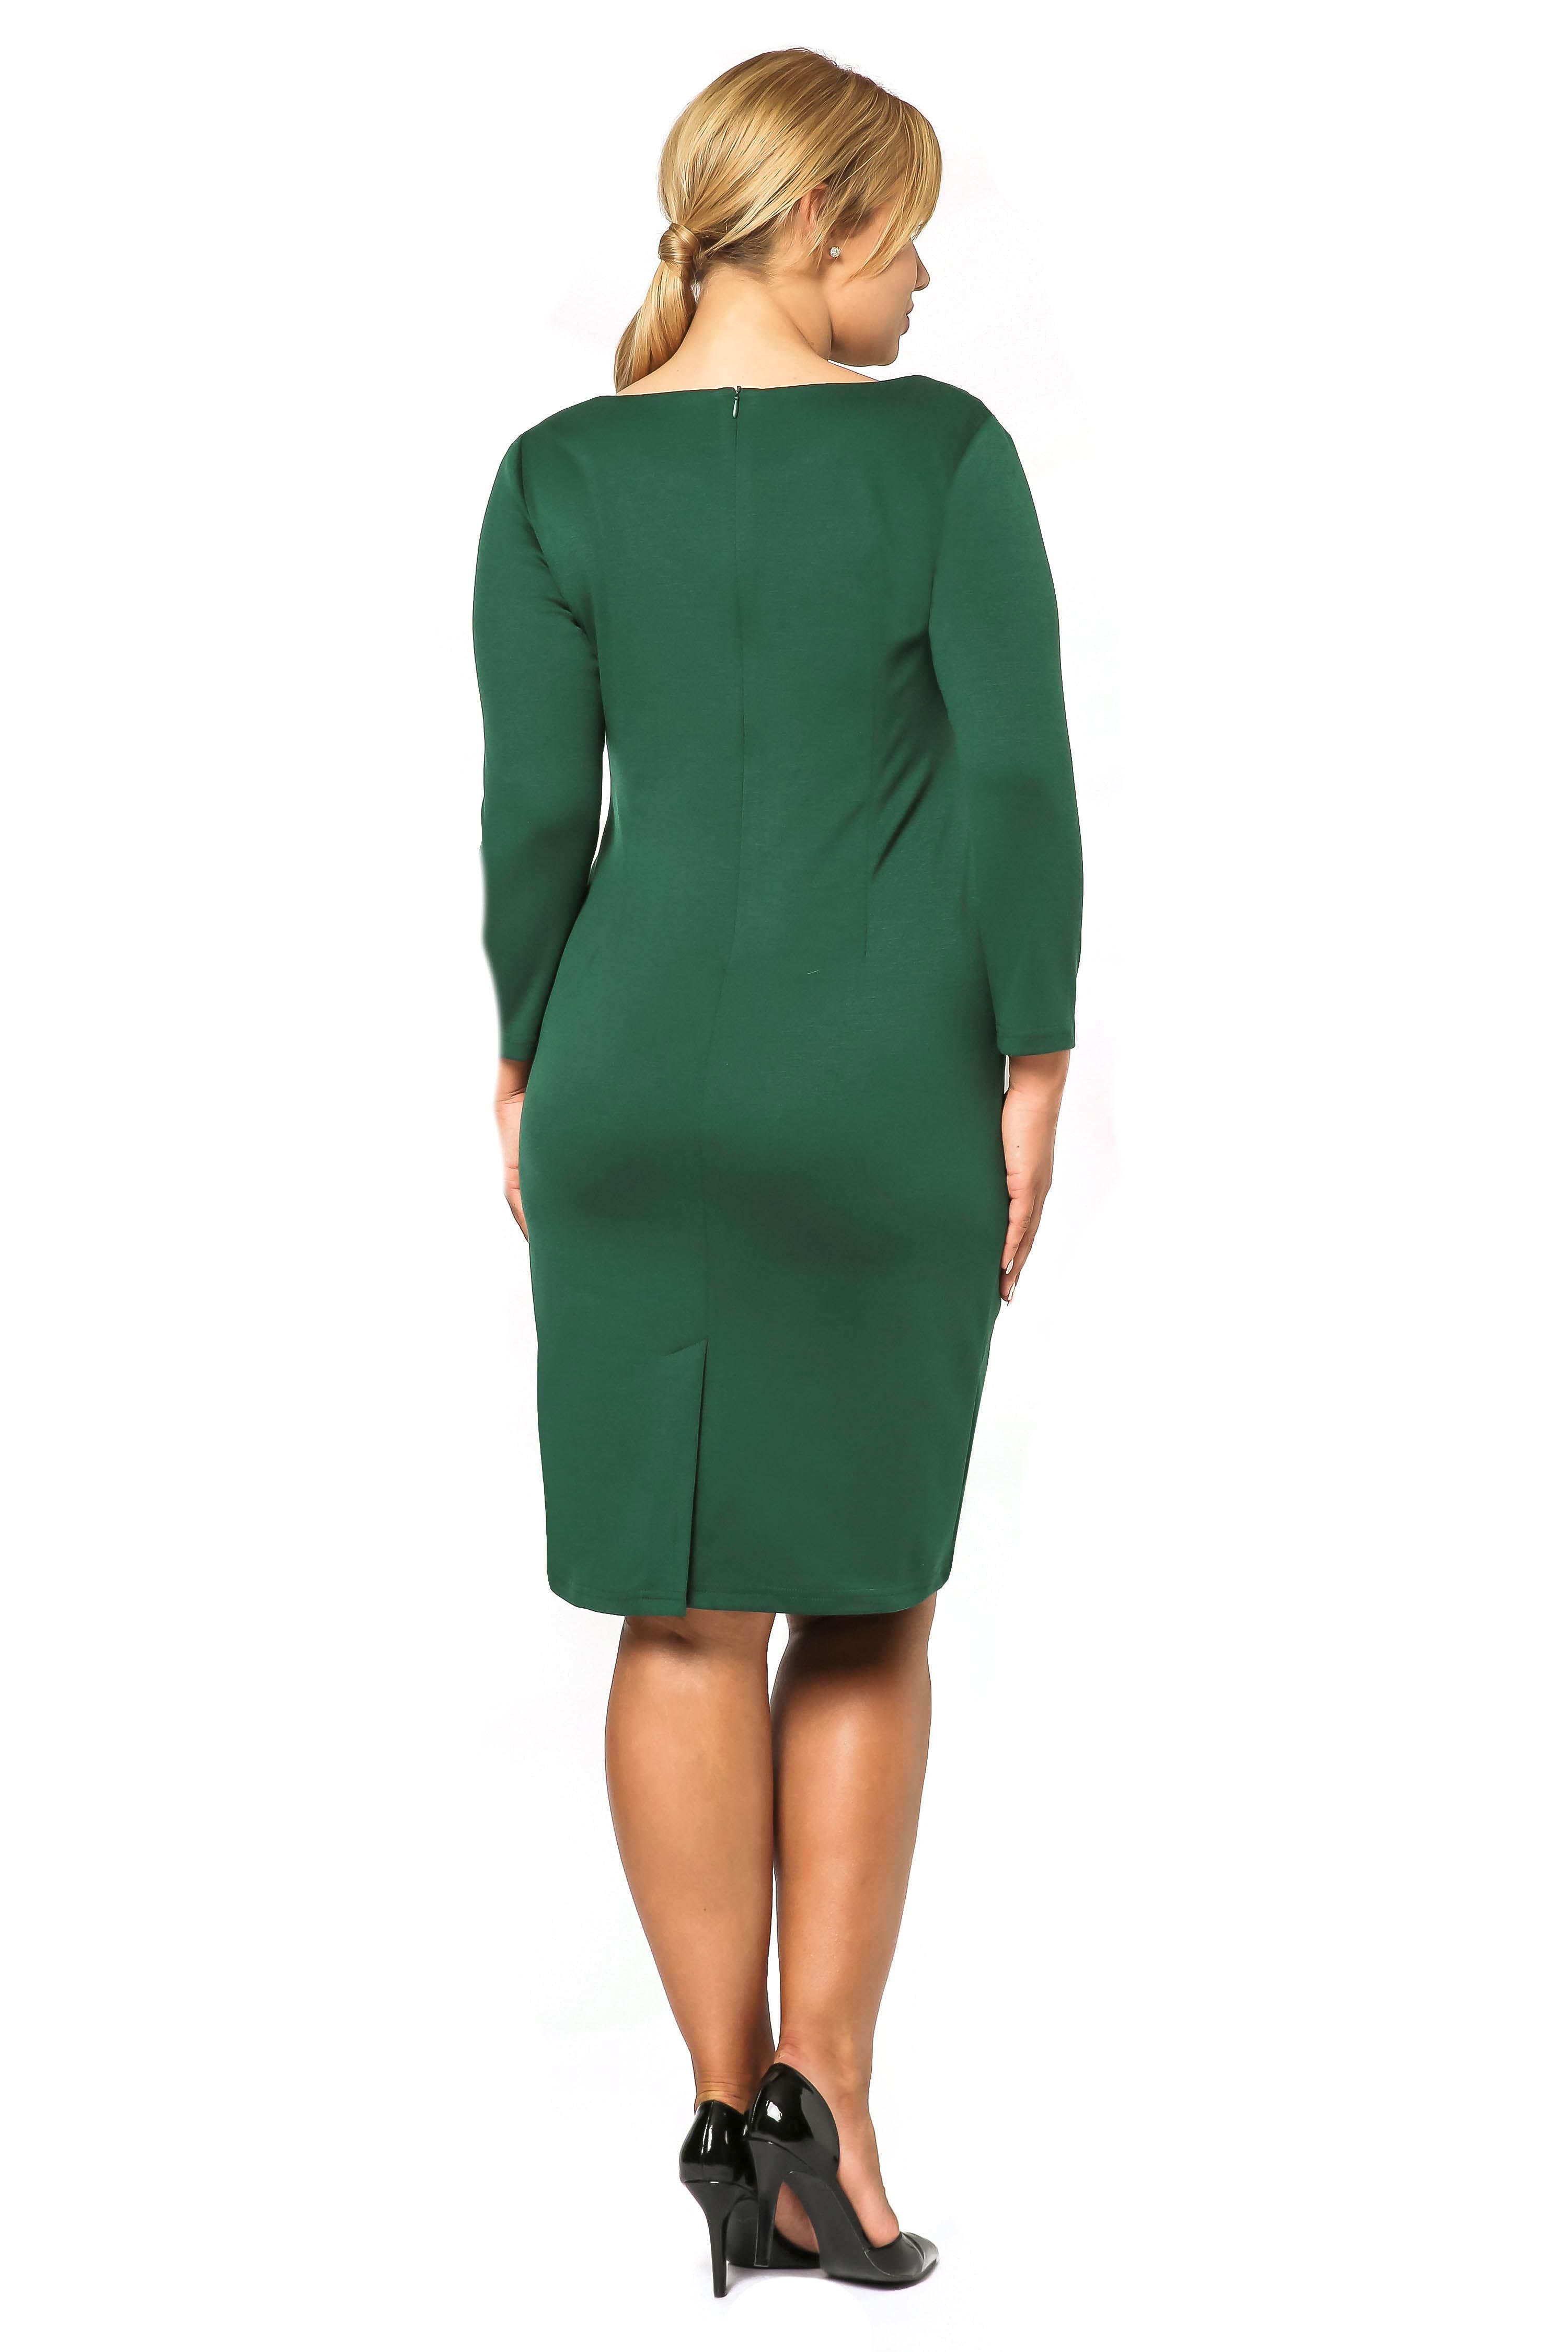 Tamara Knitwear dress in green